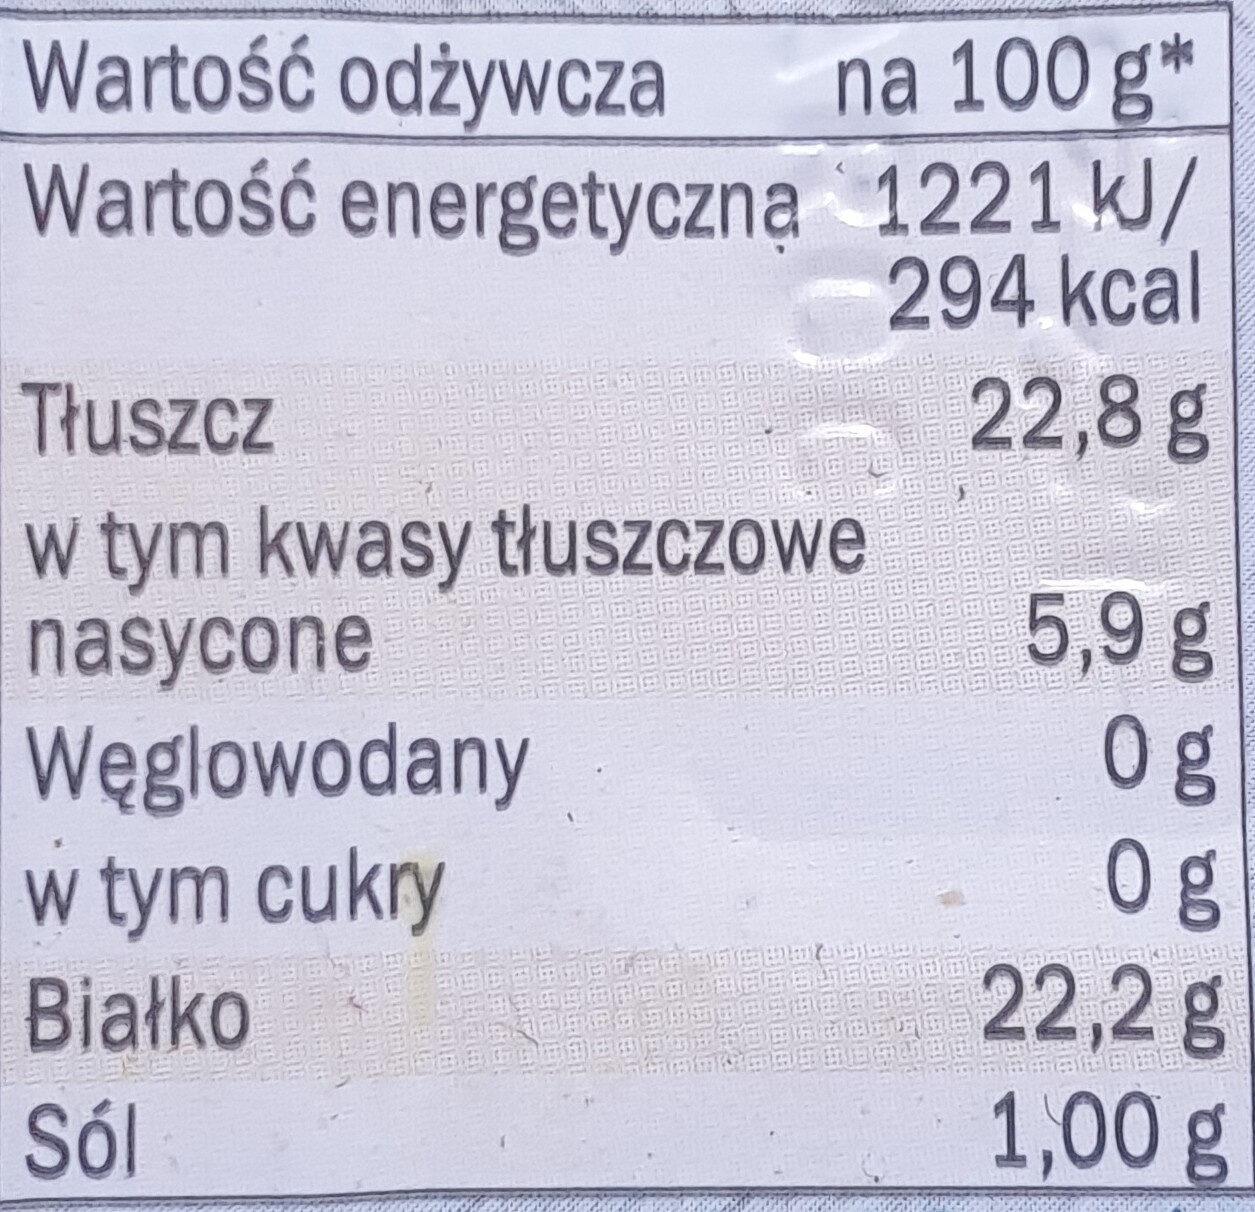 Sardinas - Wartości odżywcze - pl